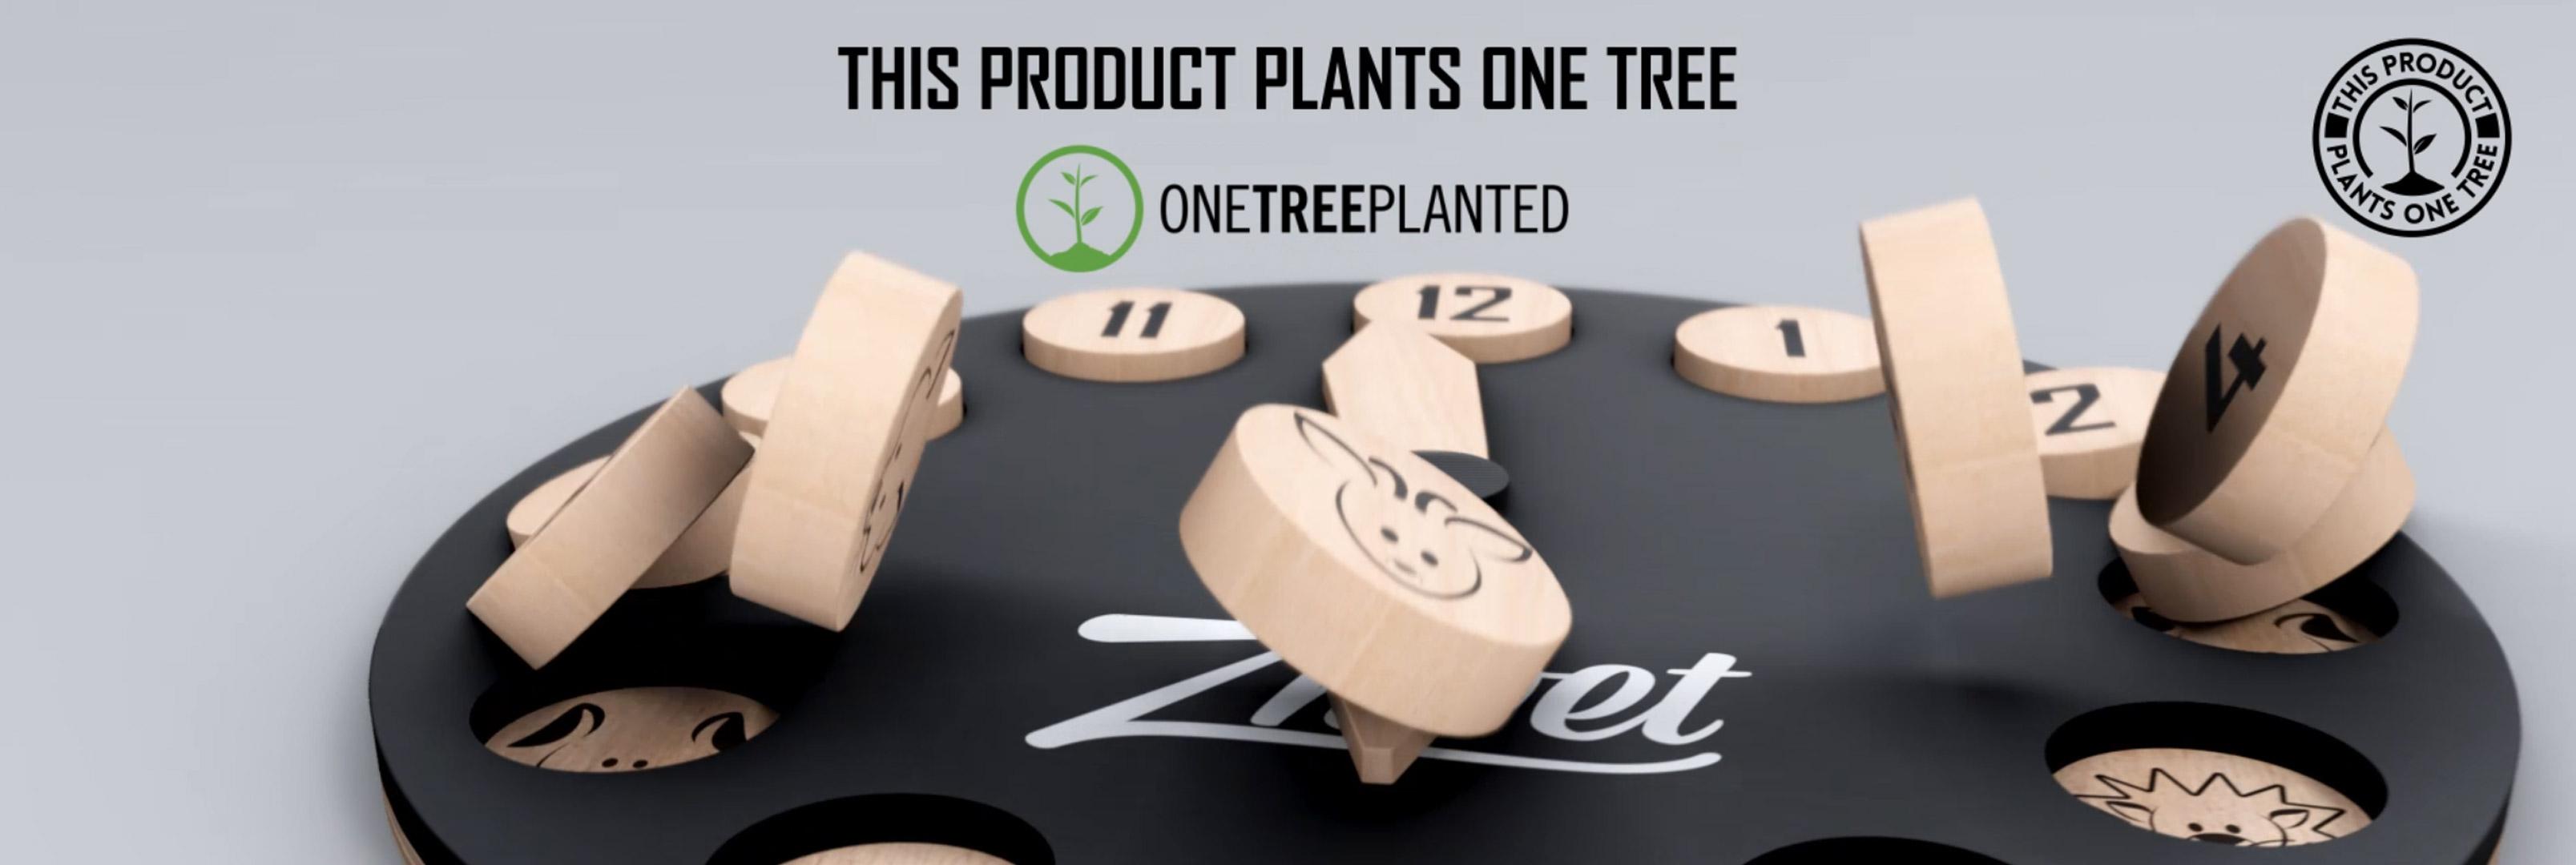 Znoet - One Tree Planted